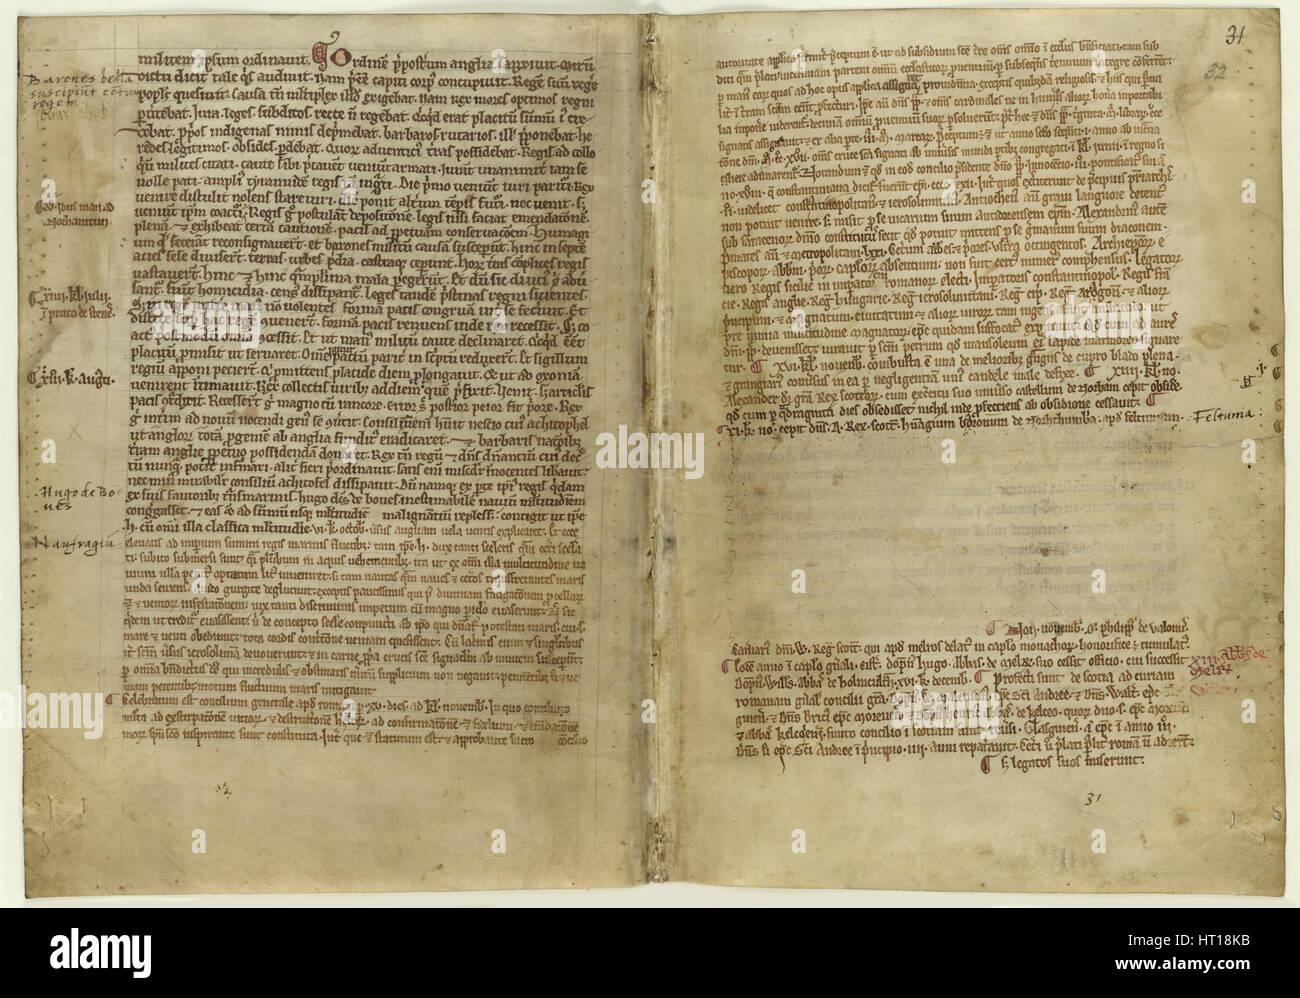 Versículo Cuenta de Carta Magna en la Crónica de Melrose Abbey, 1270s. Artista: documento histórico Imagen De Stock